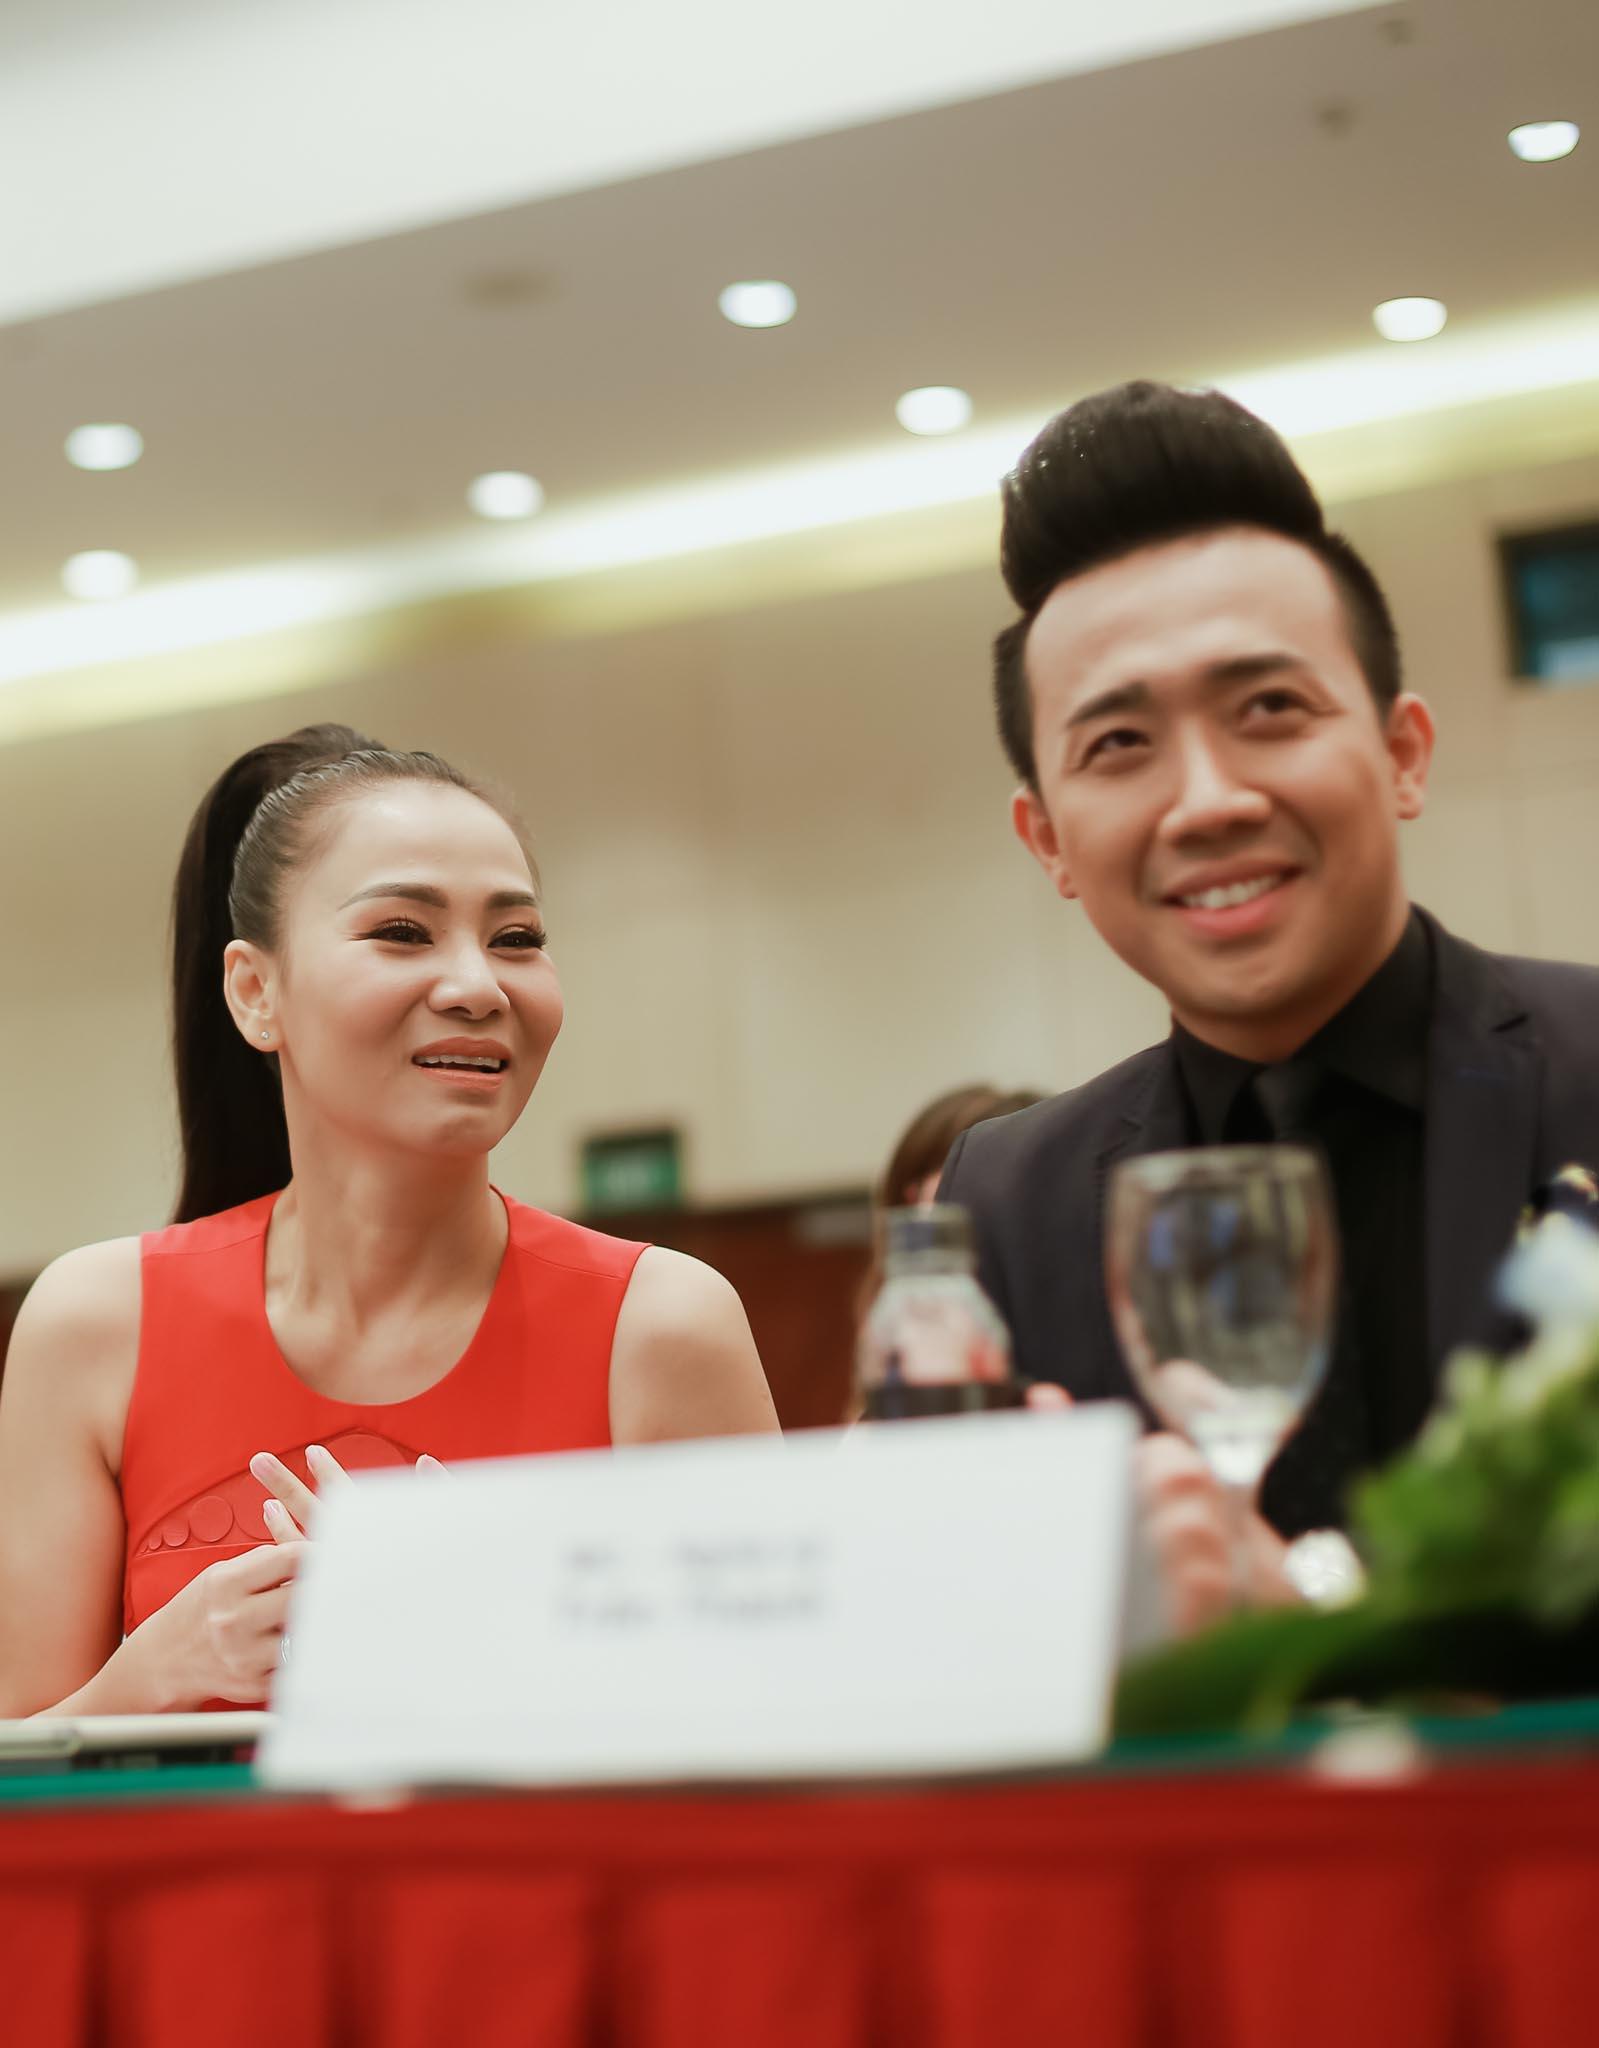 """Thu Minh nói về scandal """"trốn nợ"""": """"Họ đang hăm dọa tôi"""" - 2"""